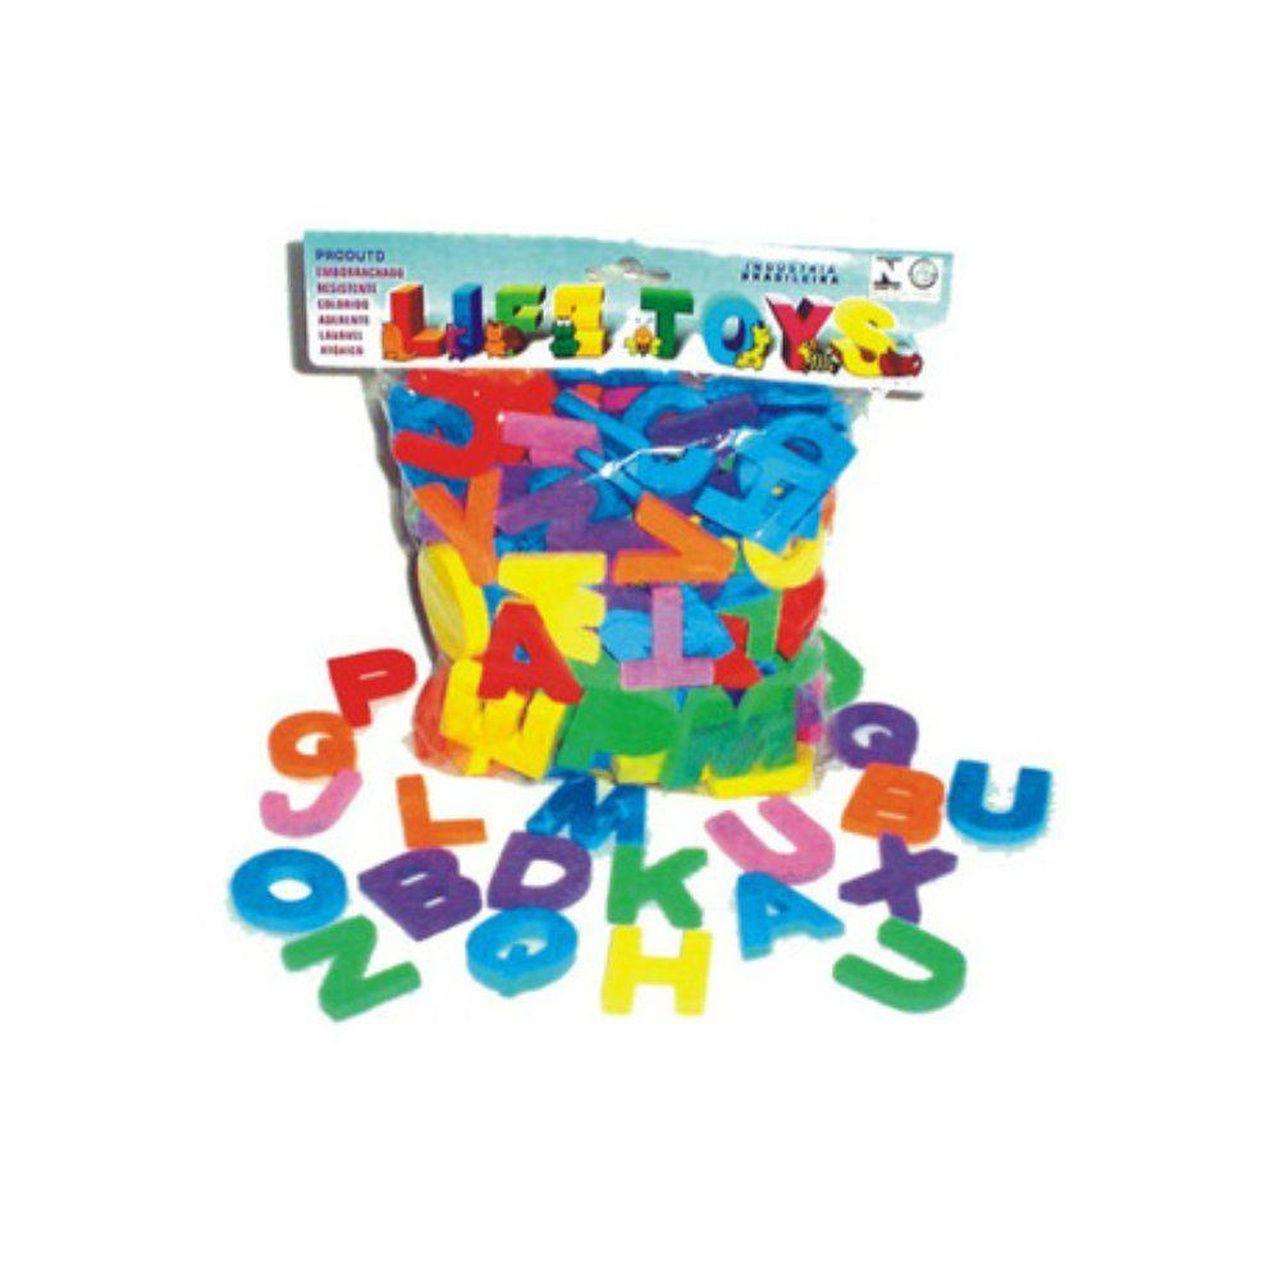 Jogo de Letras Life Toys Mingone